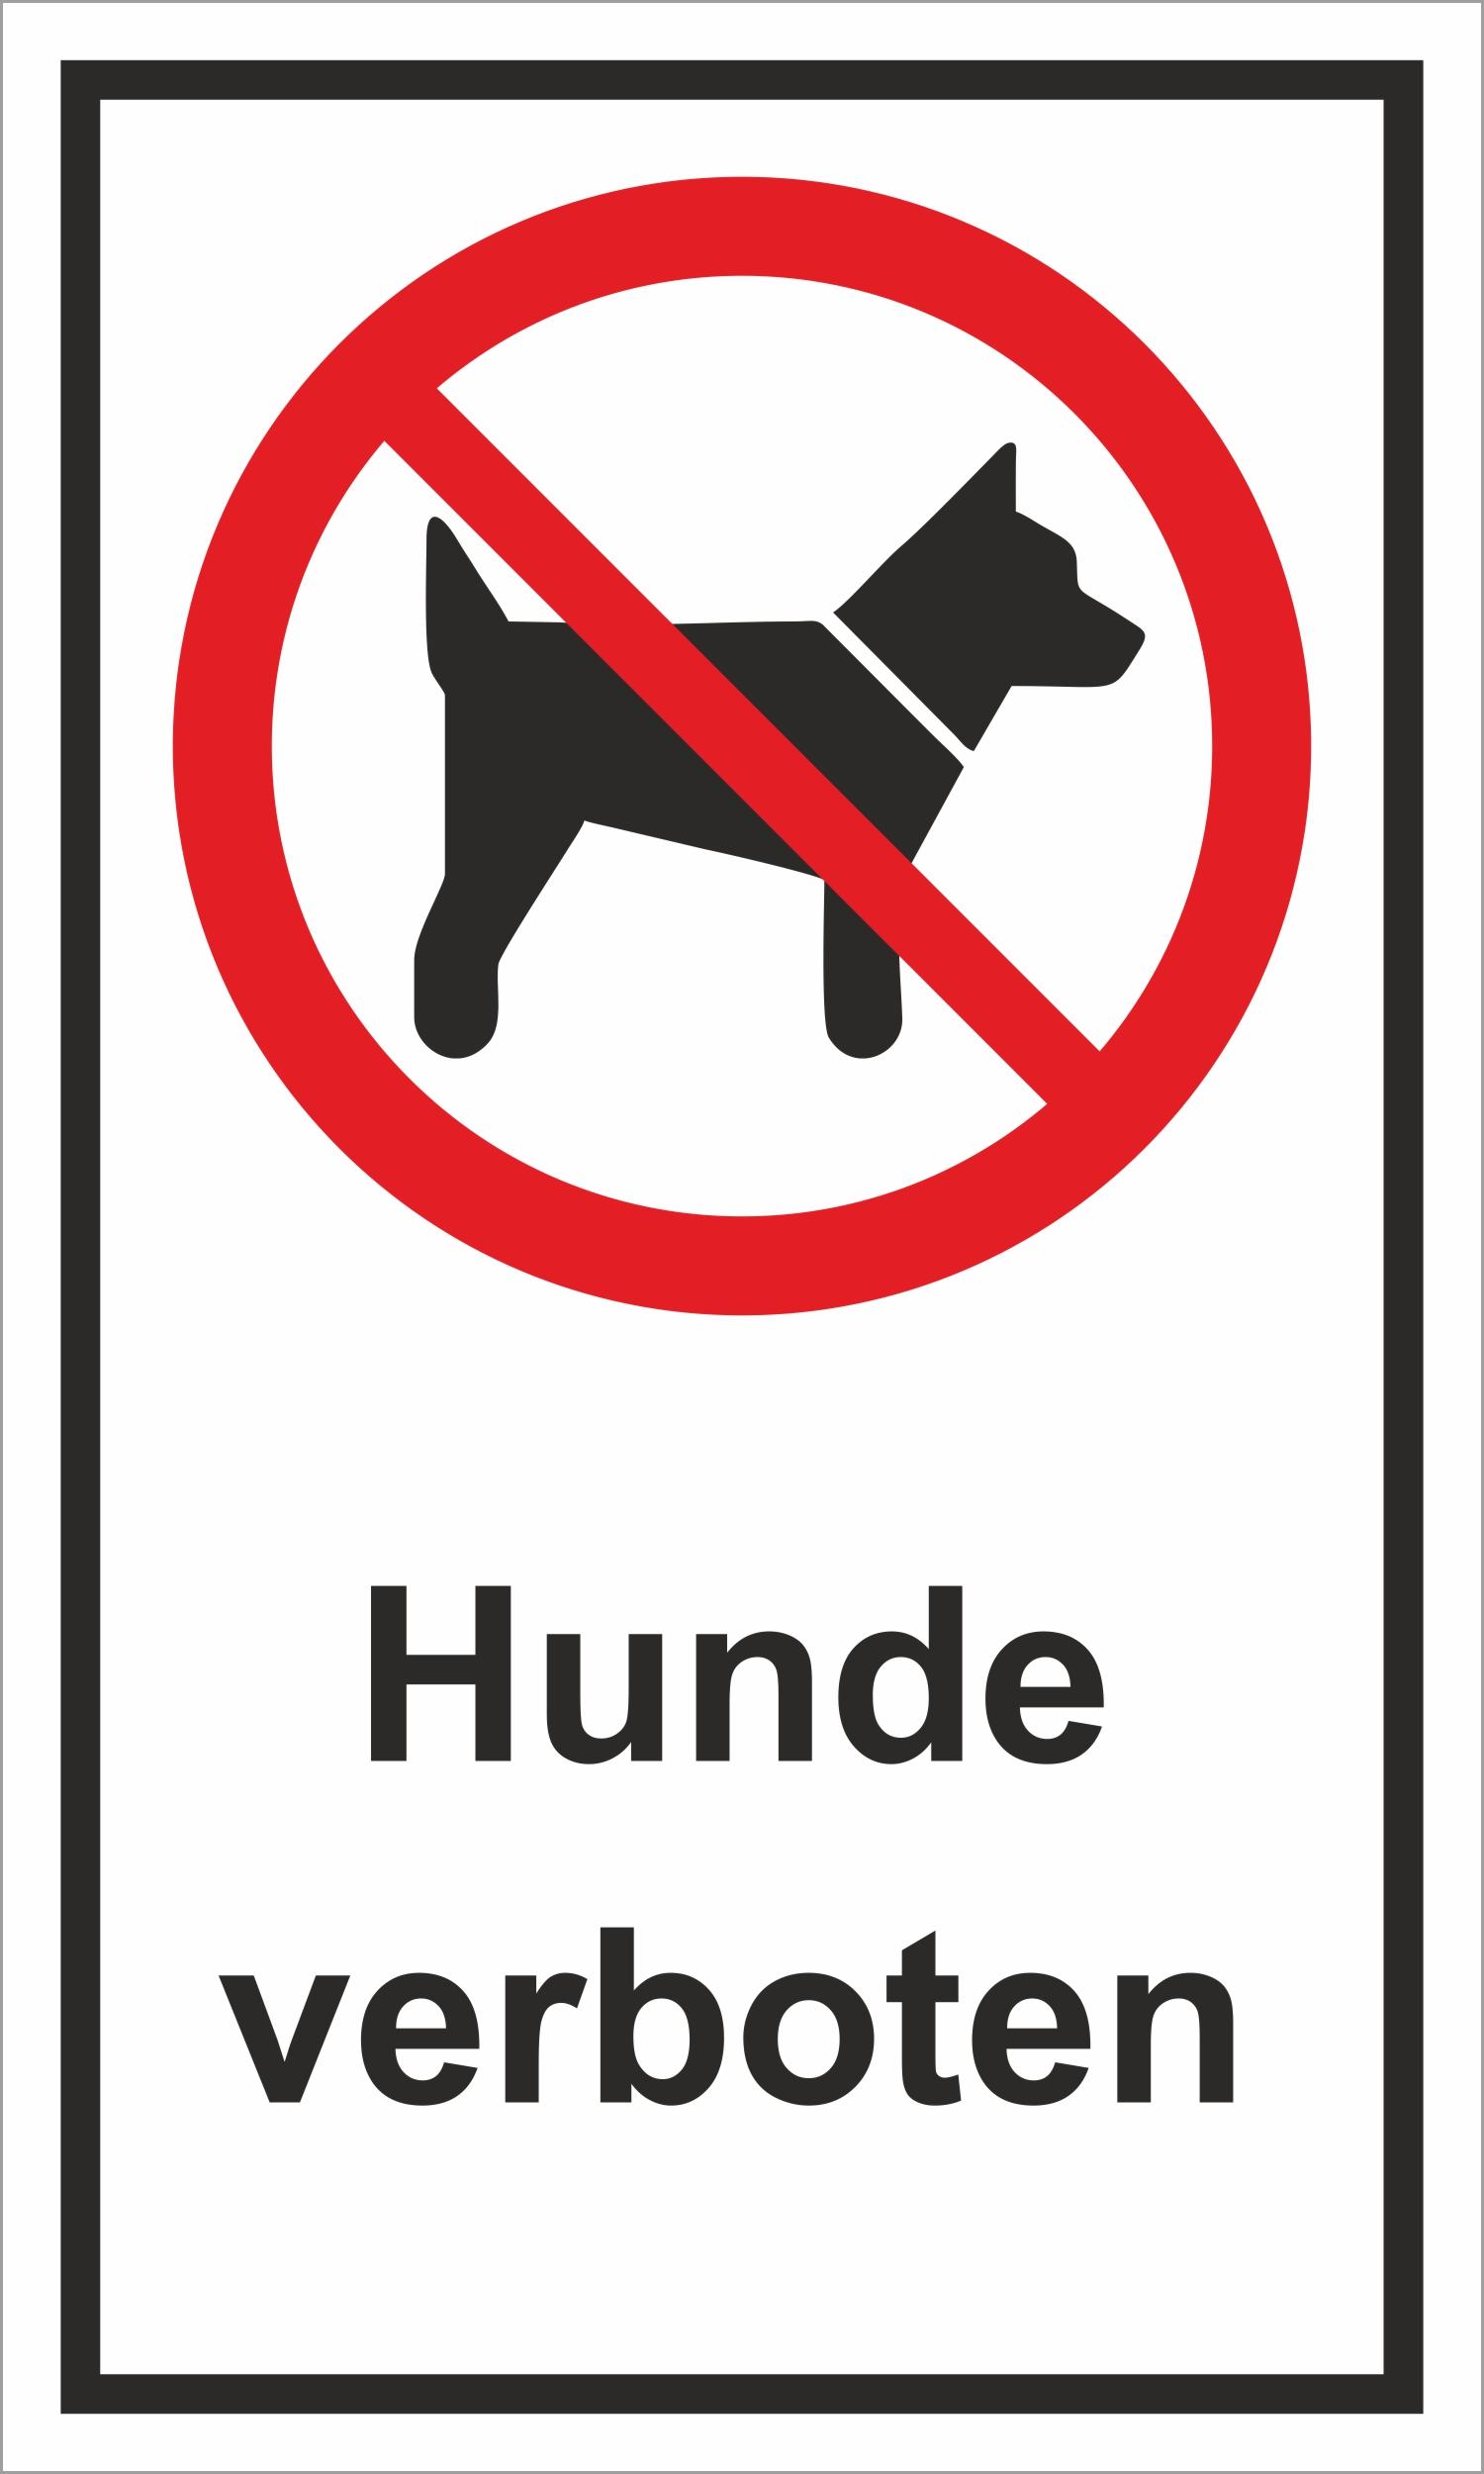 Hunde verboten 150 x 250 mm Warn- Hinweis- und Verbotsschild  PST-Kunststoff 001